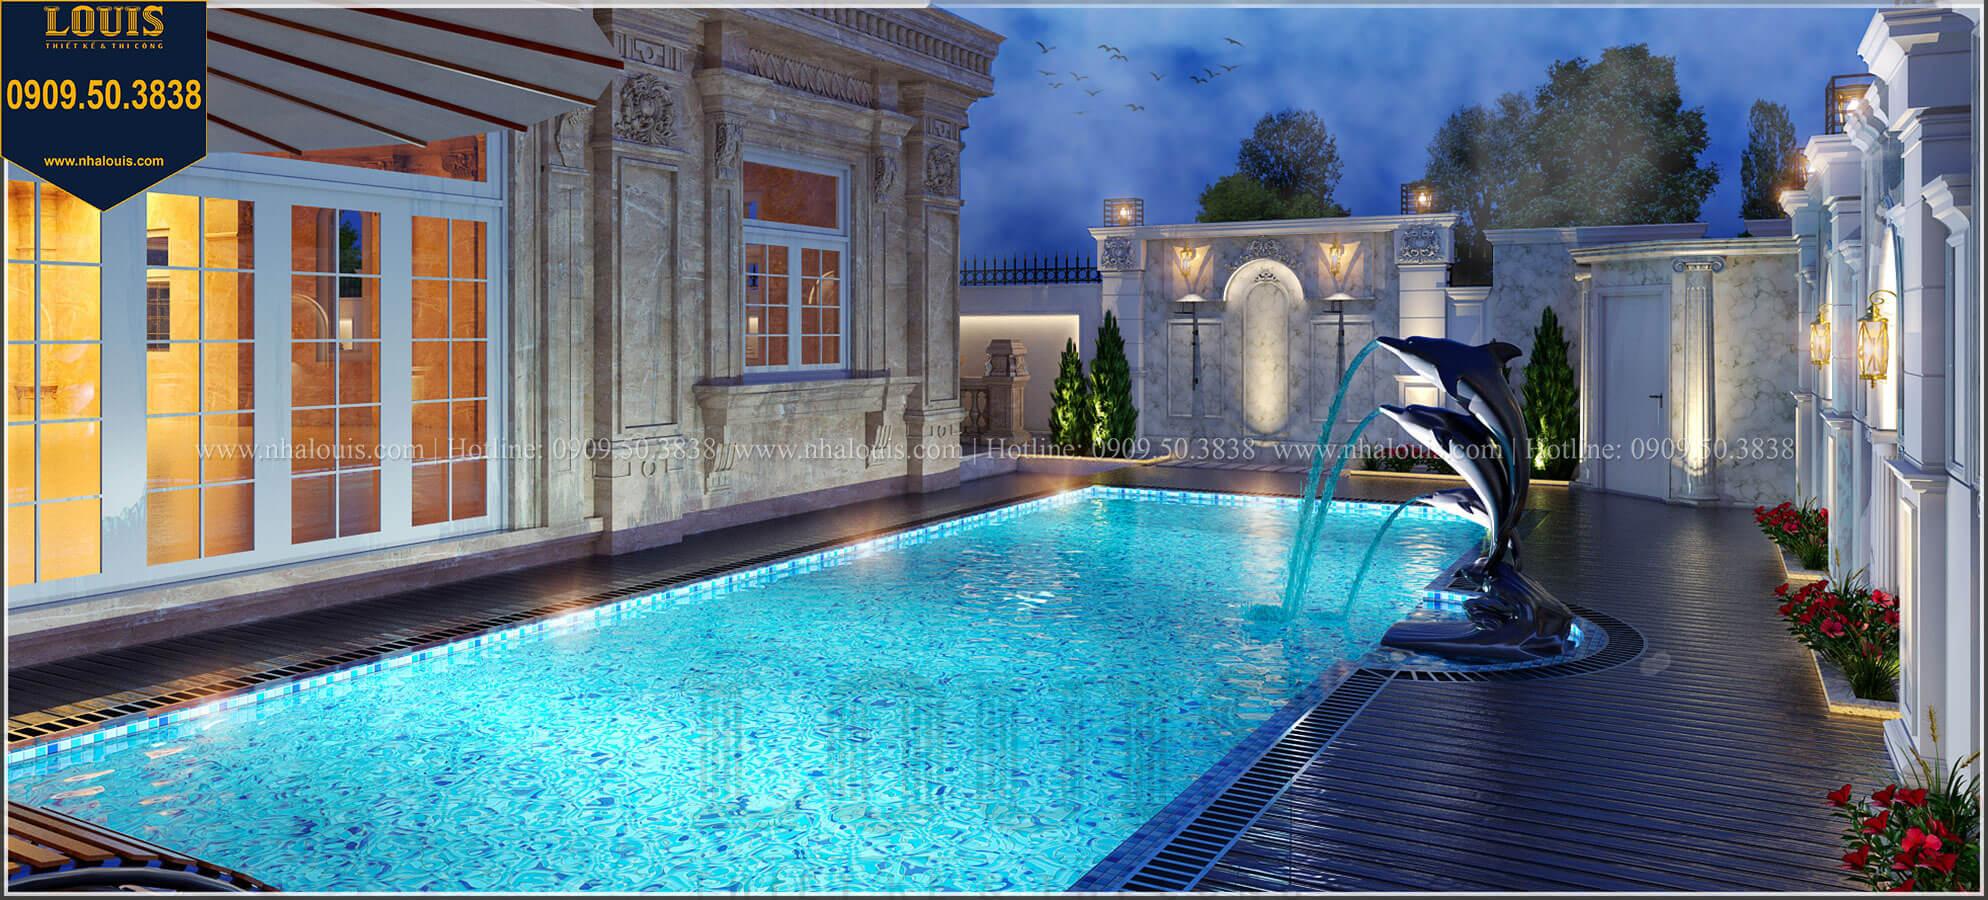 Hồ bơi Mẫu biệt thự cổ điển 4 tầng phong cách vương giả tại Thủ Đức - 15